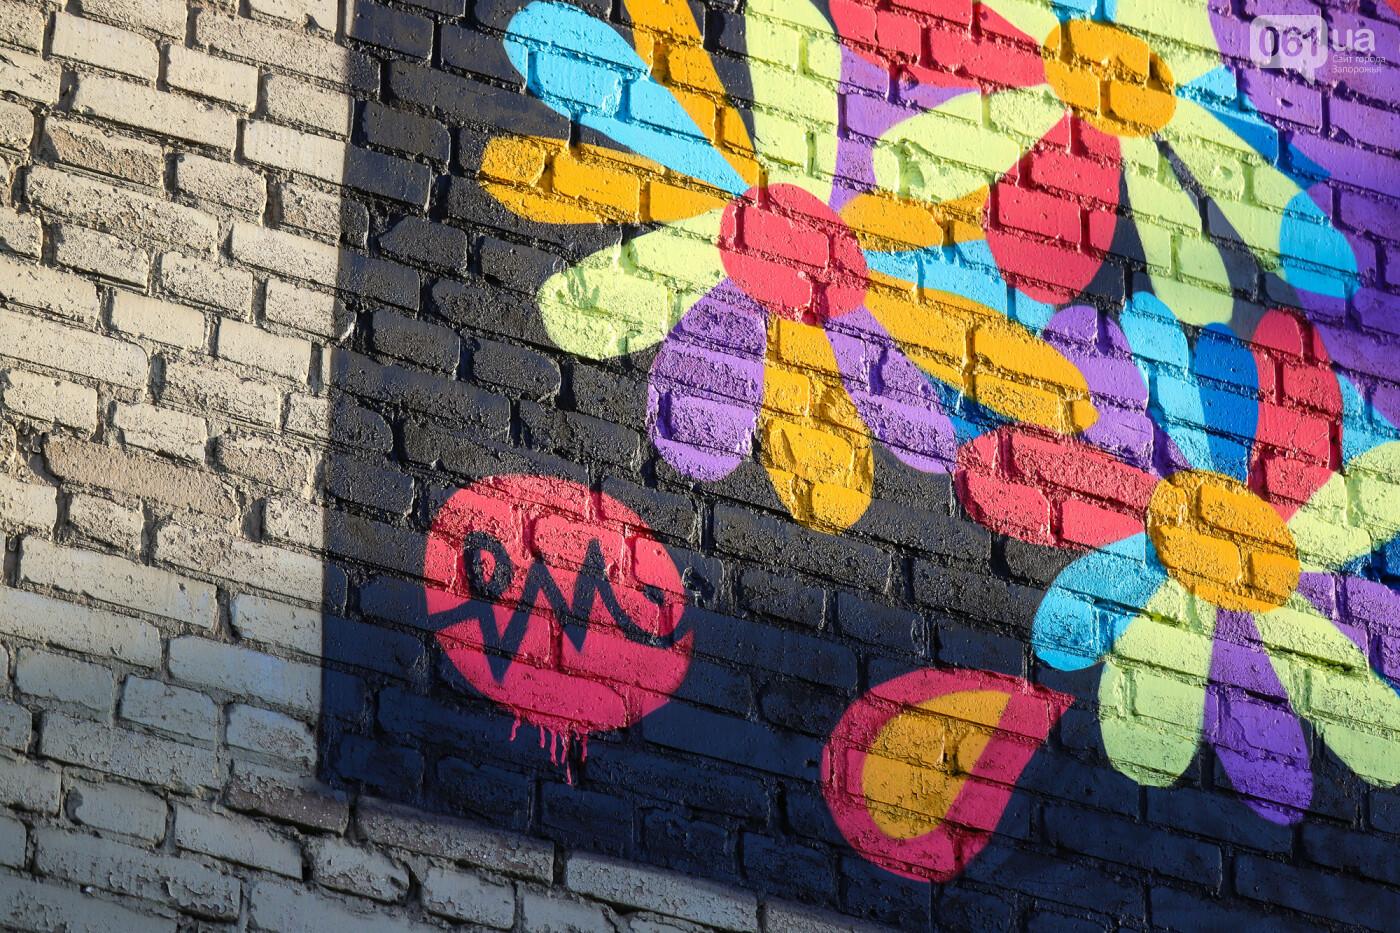 Художник из Нью-Йорка нарисовал мурал к 250-летию Запорожья - ФОТОРЕПОРТАЖ , фото-18